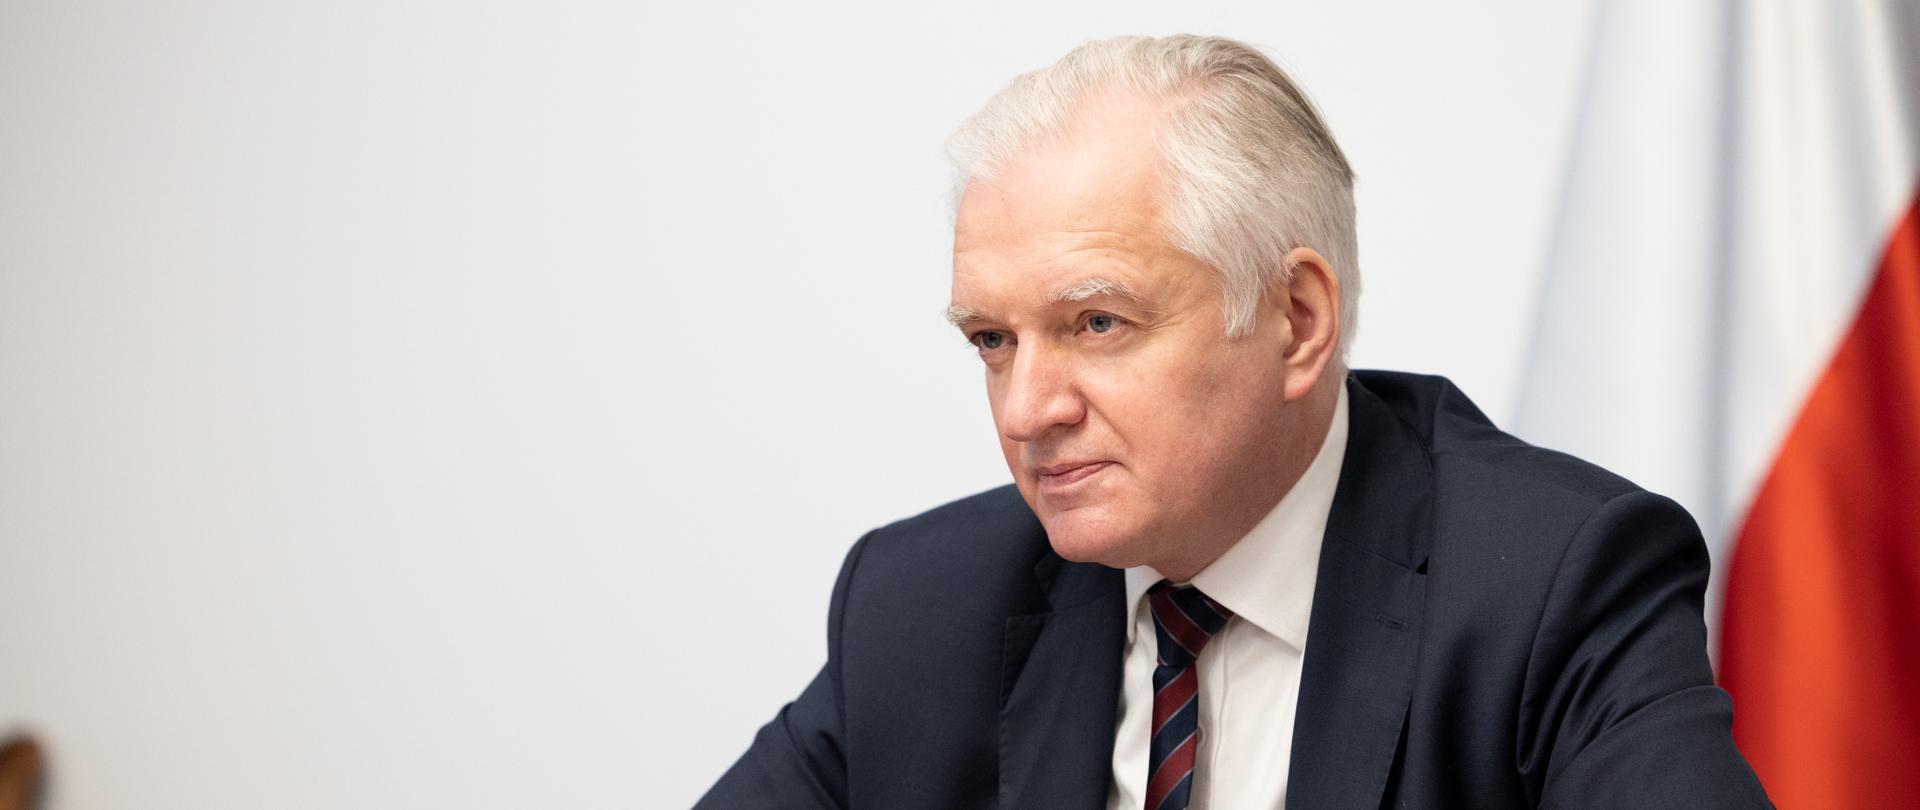 Sektor spożywczy i drobny handel skorzysta na tarczy branżowej- Jarosław Gowin przy stole konferencyjnym, za nim flagi, przed nim mikrofon. Widok z boku.